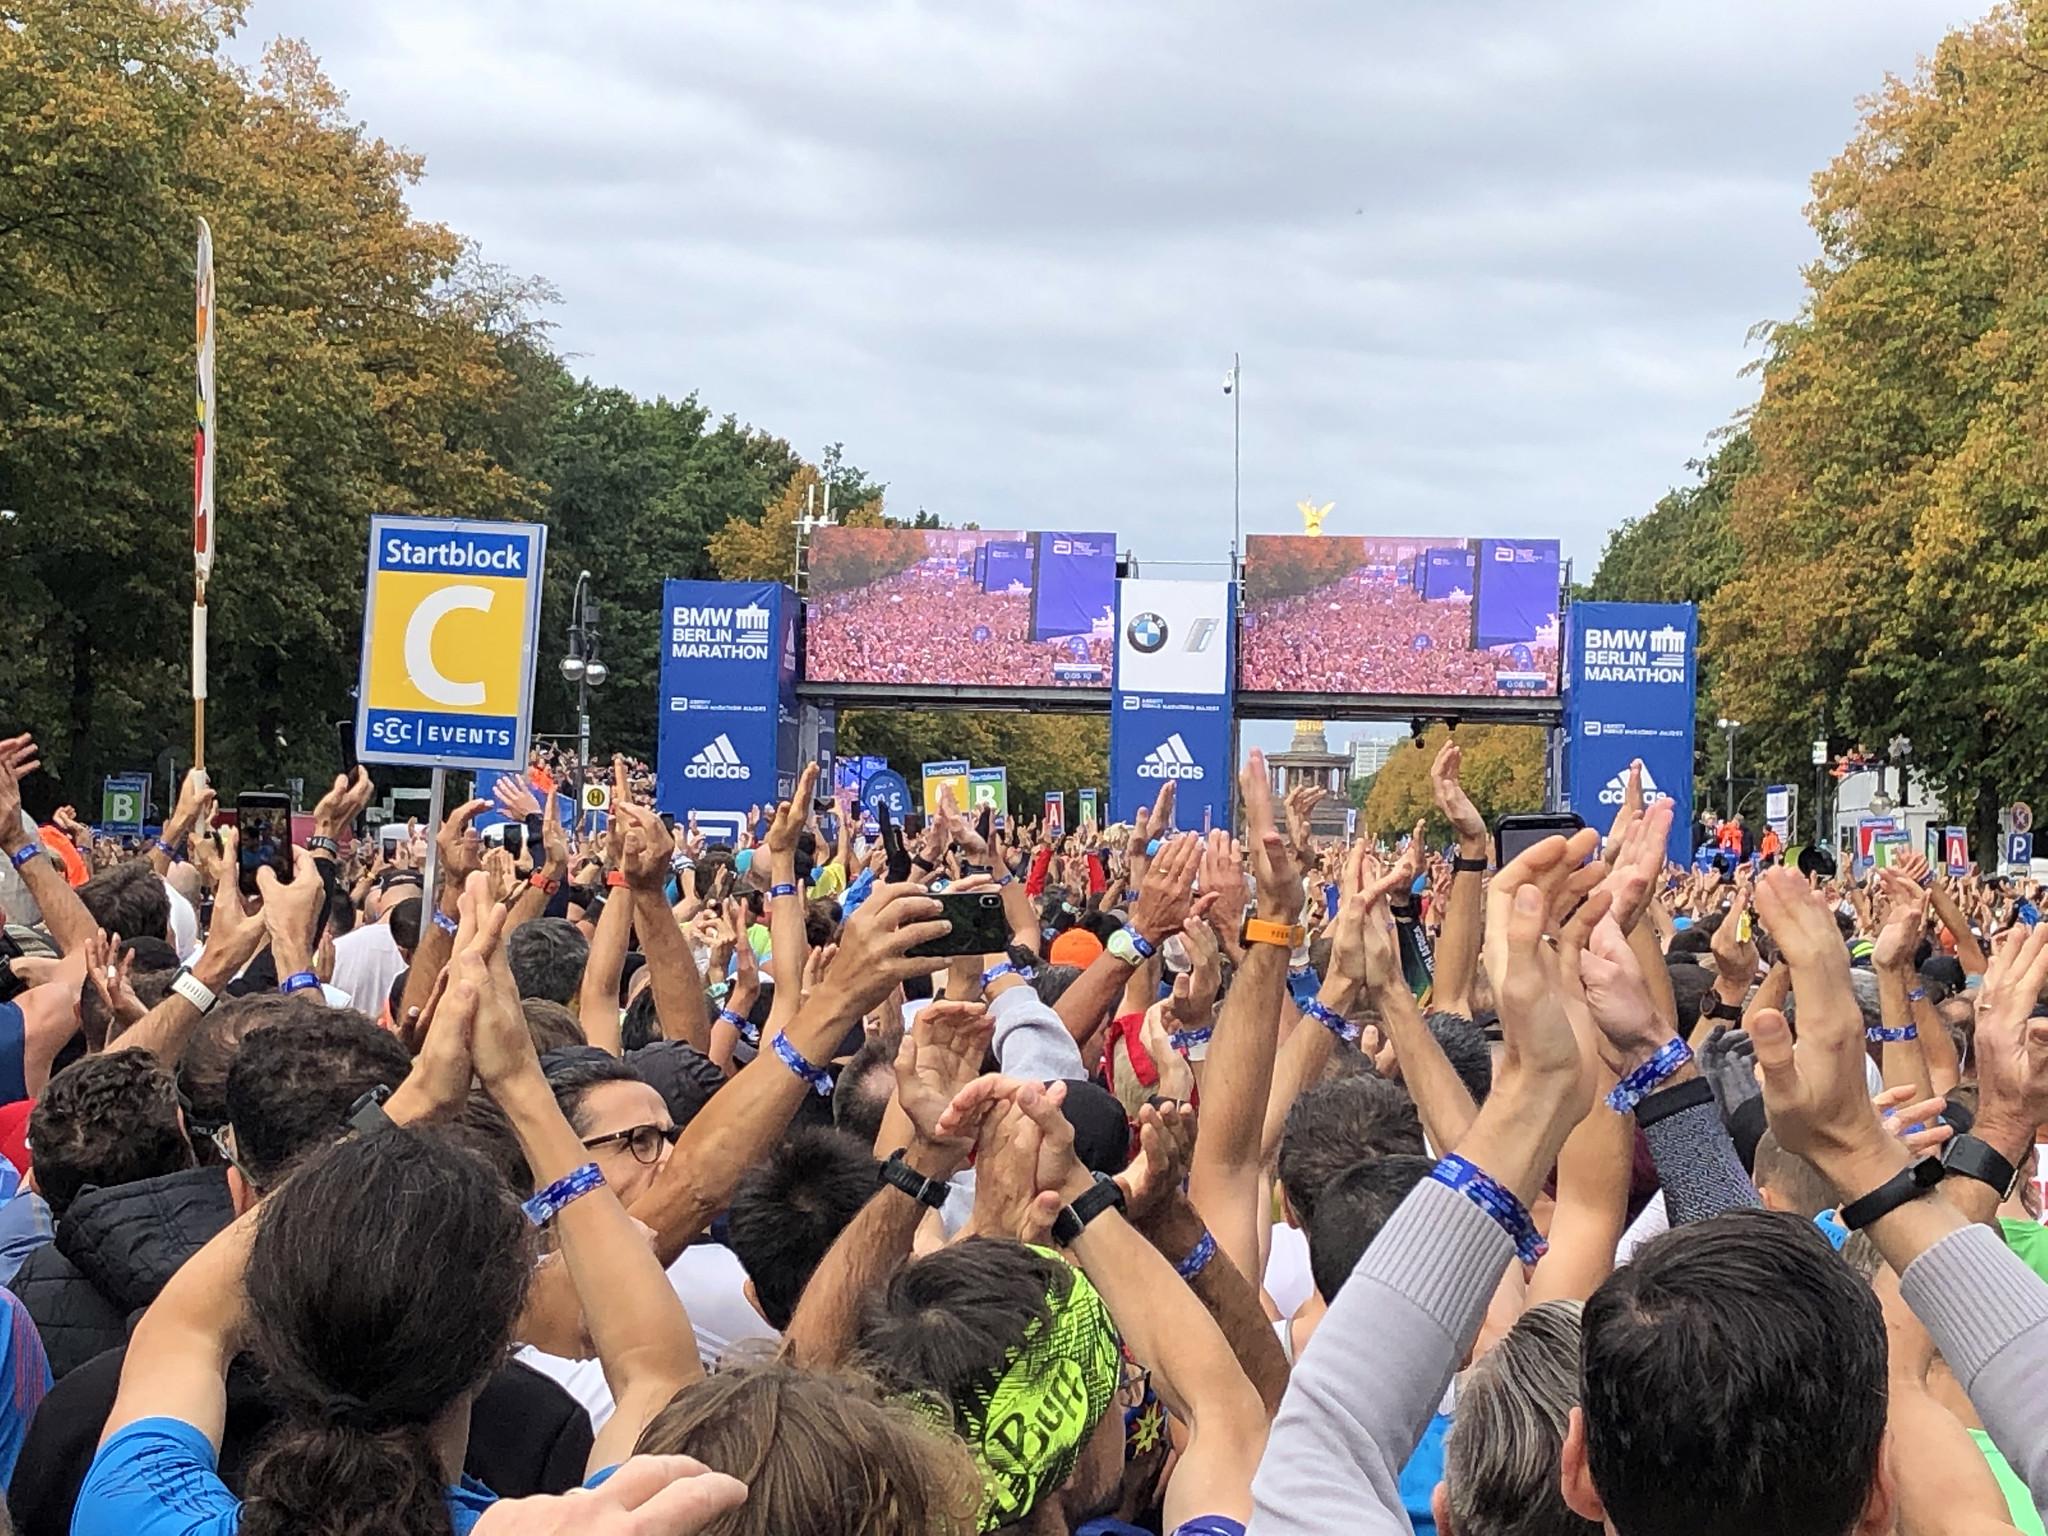 Correr el Maratón de Berlín - Berlin Marathon fotos photos - thewotme maratón de berlín - 49039283962 6b71cec612 k - Correr el Maratón de Berlín: Análisis, recorrido, entrenamiento e inscripciones